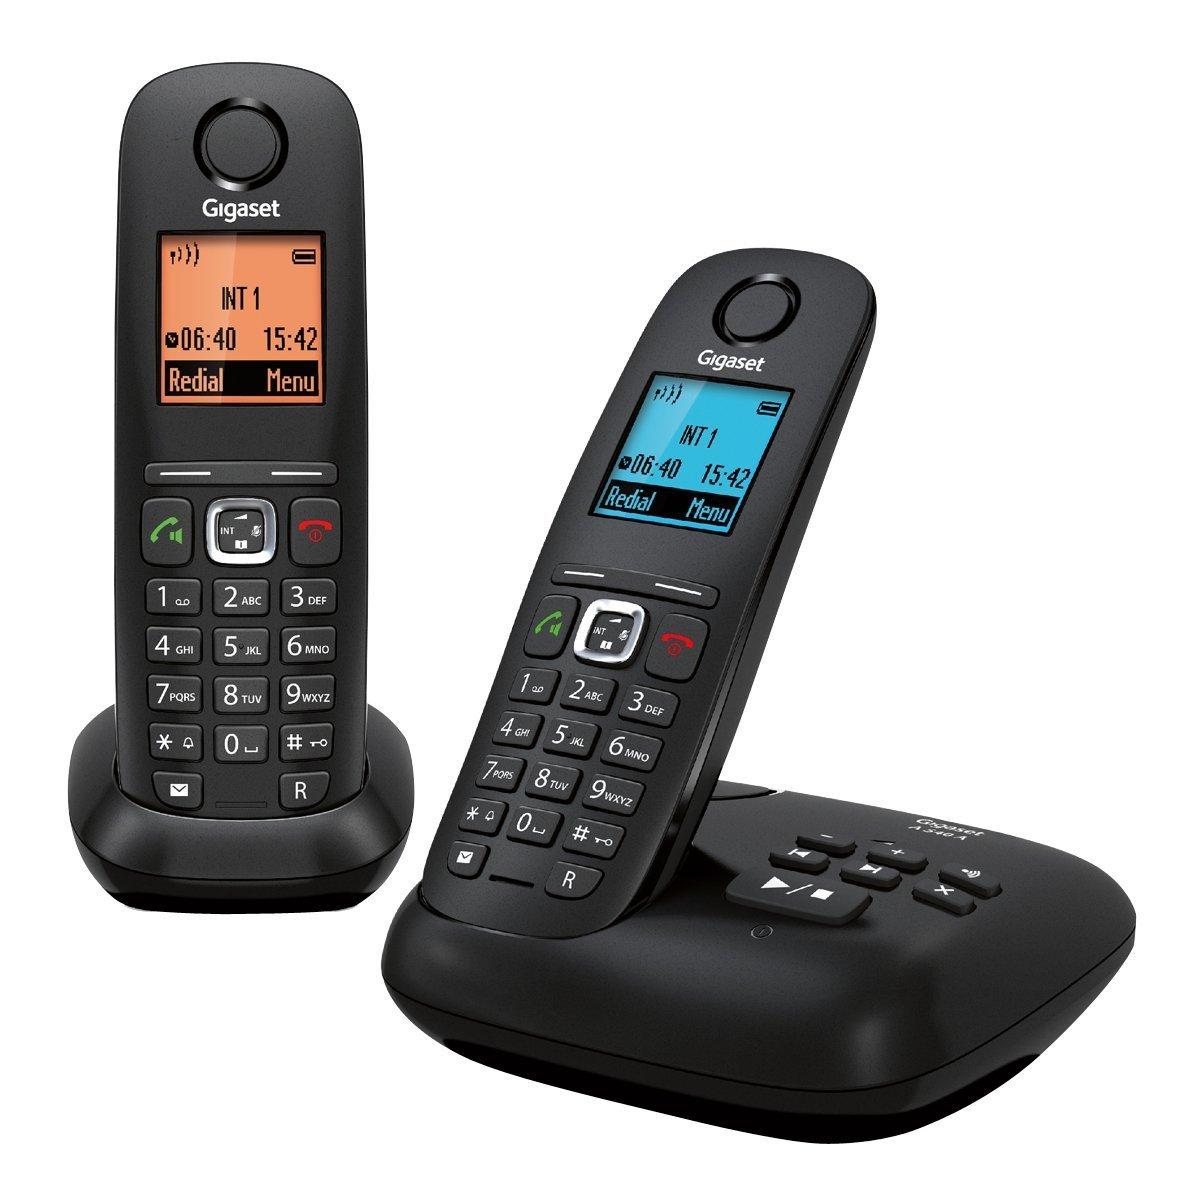 Negro Gigaset Gigaset A540 Duo Pack de 2 tel/éfonos Fijo inal/ámbricos Manos Libres,DECT//Gap Versi/ón Importada